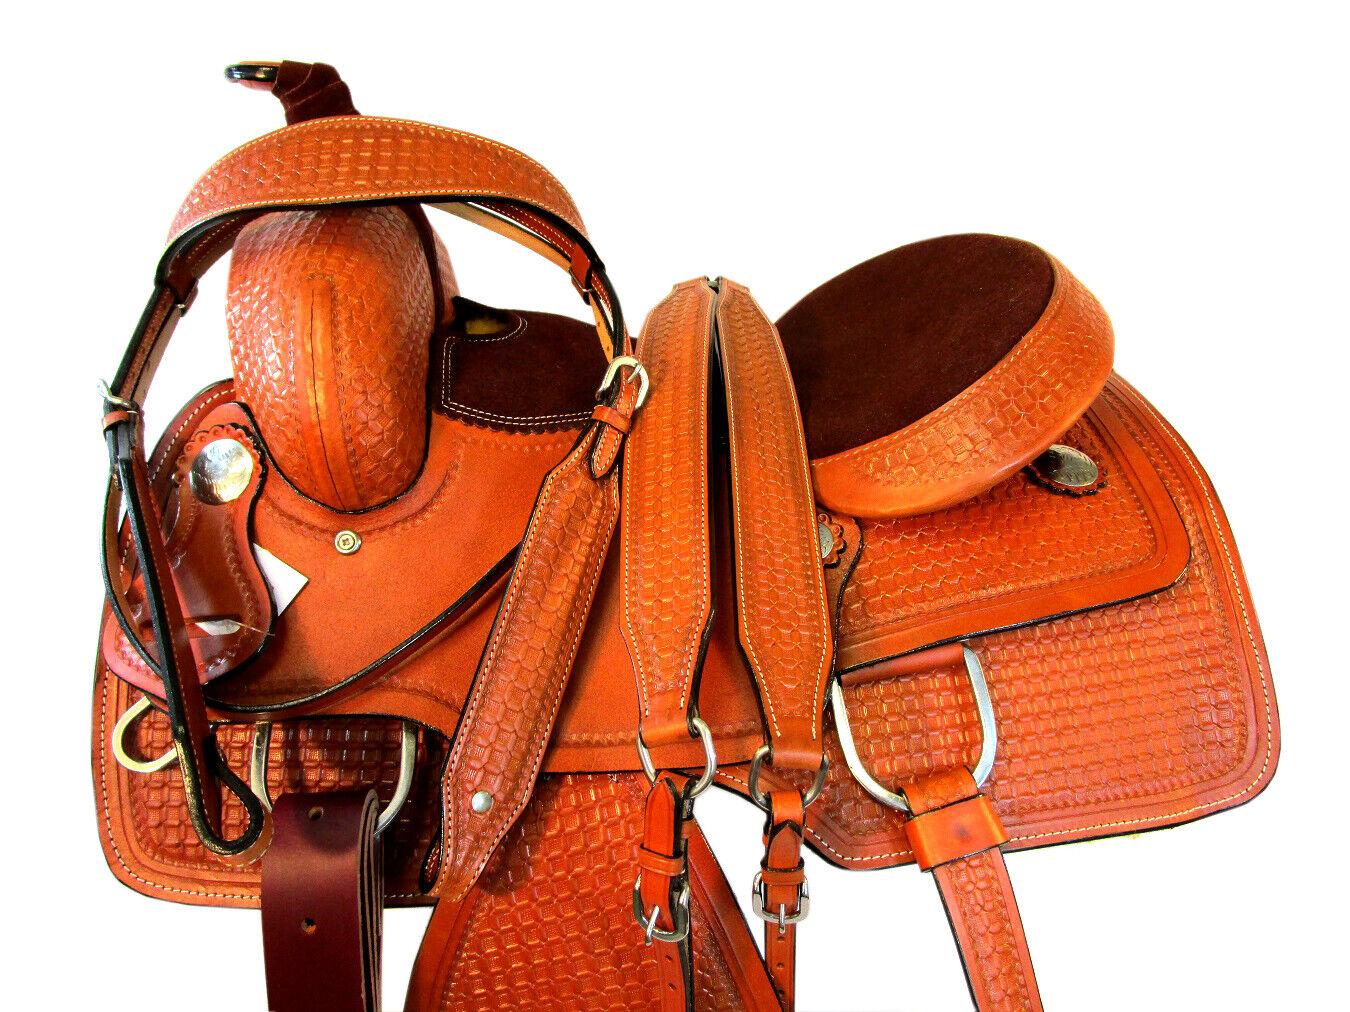 Wade Estilo Trabajo Rancho amarrar Resistente Cuero Tachuela del caballo SADLE 15  16  17